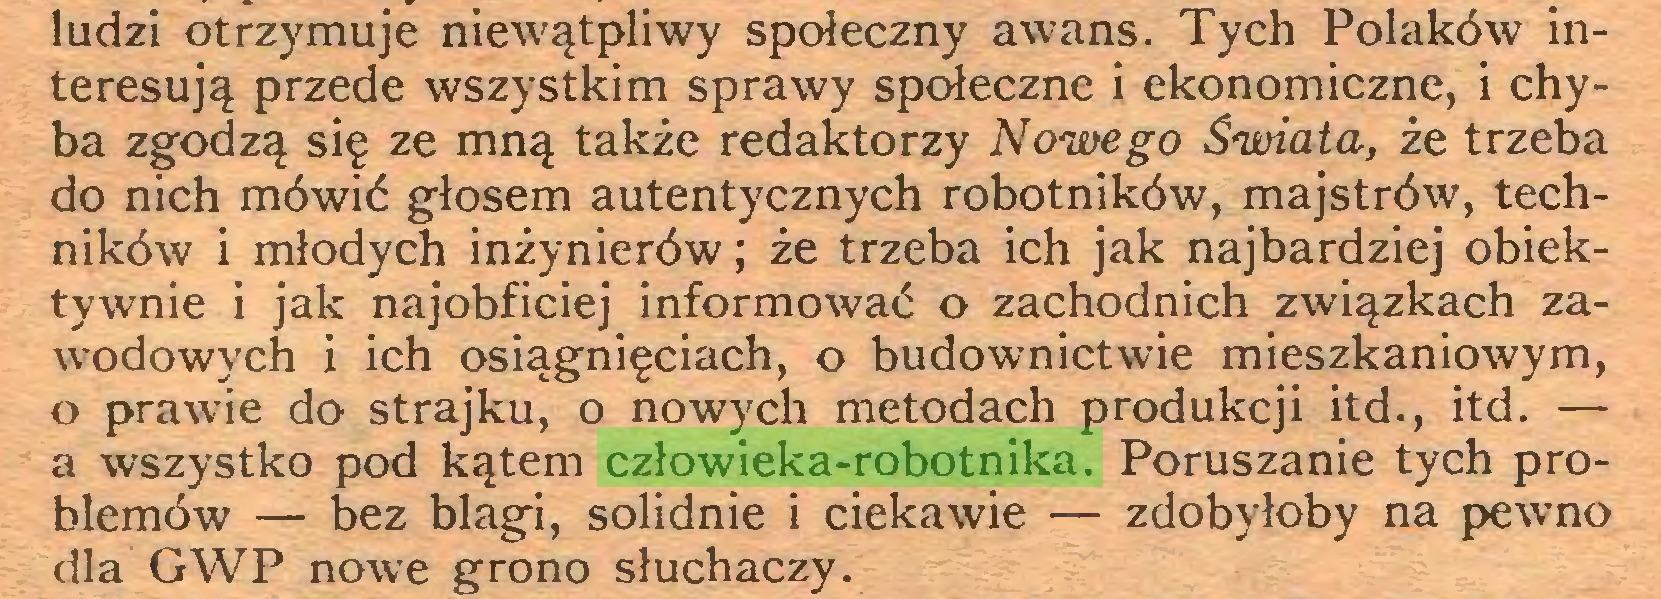 (...) ludzi otrzymuje niewątpliwy społeczny awans. Tych Polaków interesują przede wszystkim sprawy społeczne i ekonomiczne, i chyba zgodzą się ze mną także redaktorzy Nowego Świata, że trzeba do nich mówić głosem autentycznych robotników, majstrów, techników i młodych inżynierów; że trzeba ich jak najbardziej obiektywnie i jak najobficiej informować o zachodnich związkach zawodowych i ich osiągnięciach, o budownictwie mieszkaniowym, o prawie do strajku, o nowych metodach produkcji itd., itd. — a wszystko pod kątem człowieka-robotnika. Poruszanie tych problemów — bez blagi, solidnie i ciekawie — zdobyłoby na pewno dla GWP nowe grono słuchaczy...